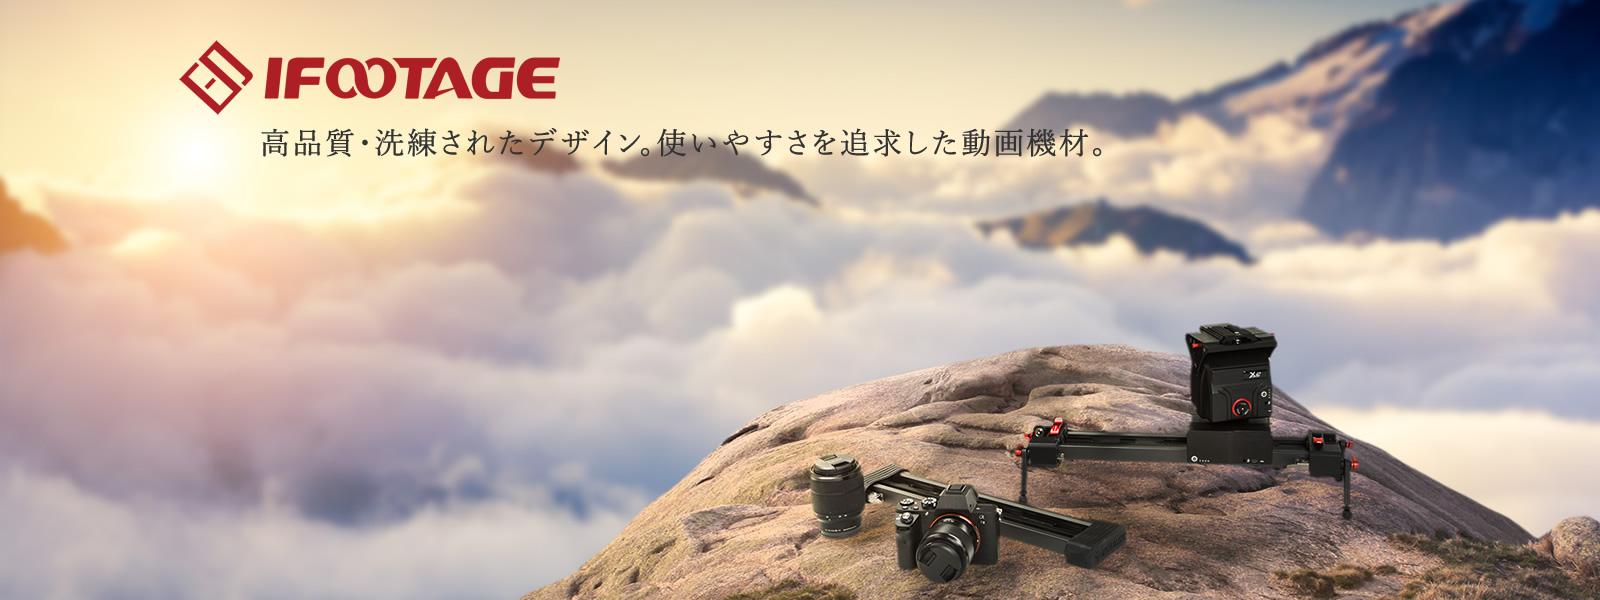 iFootage 高品質・洗練されたデザイン。使いやすさを追求した動画機材。